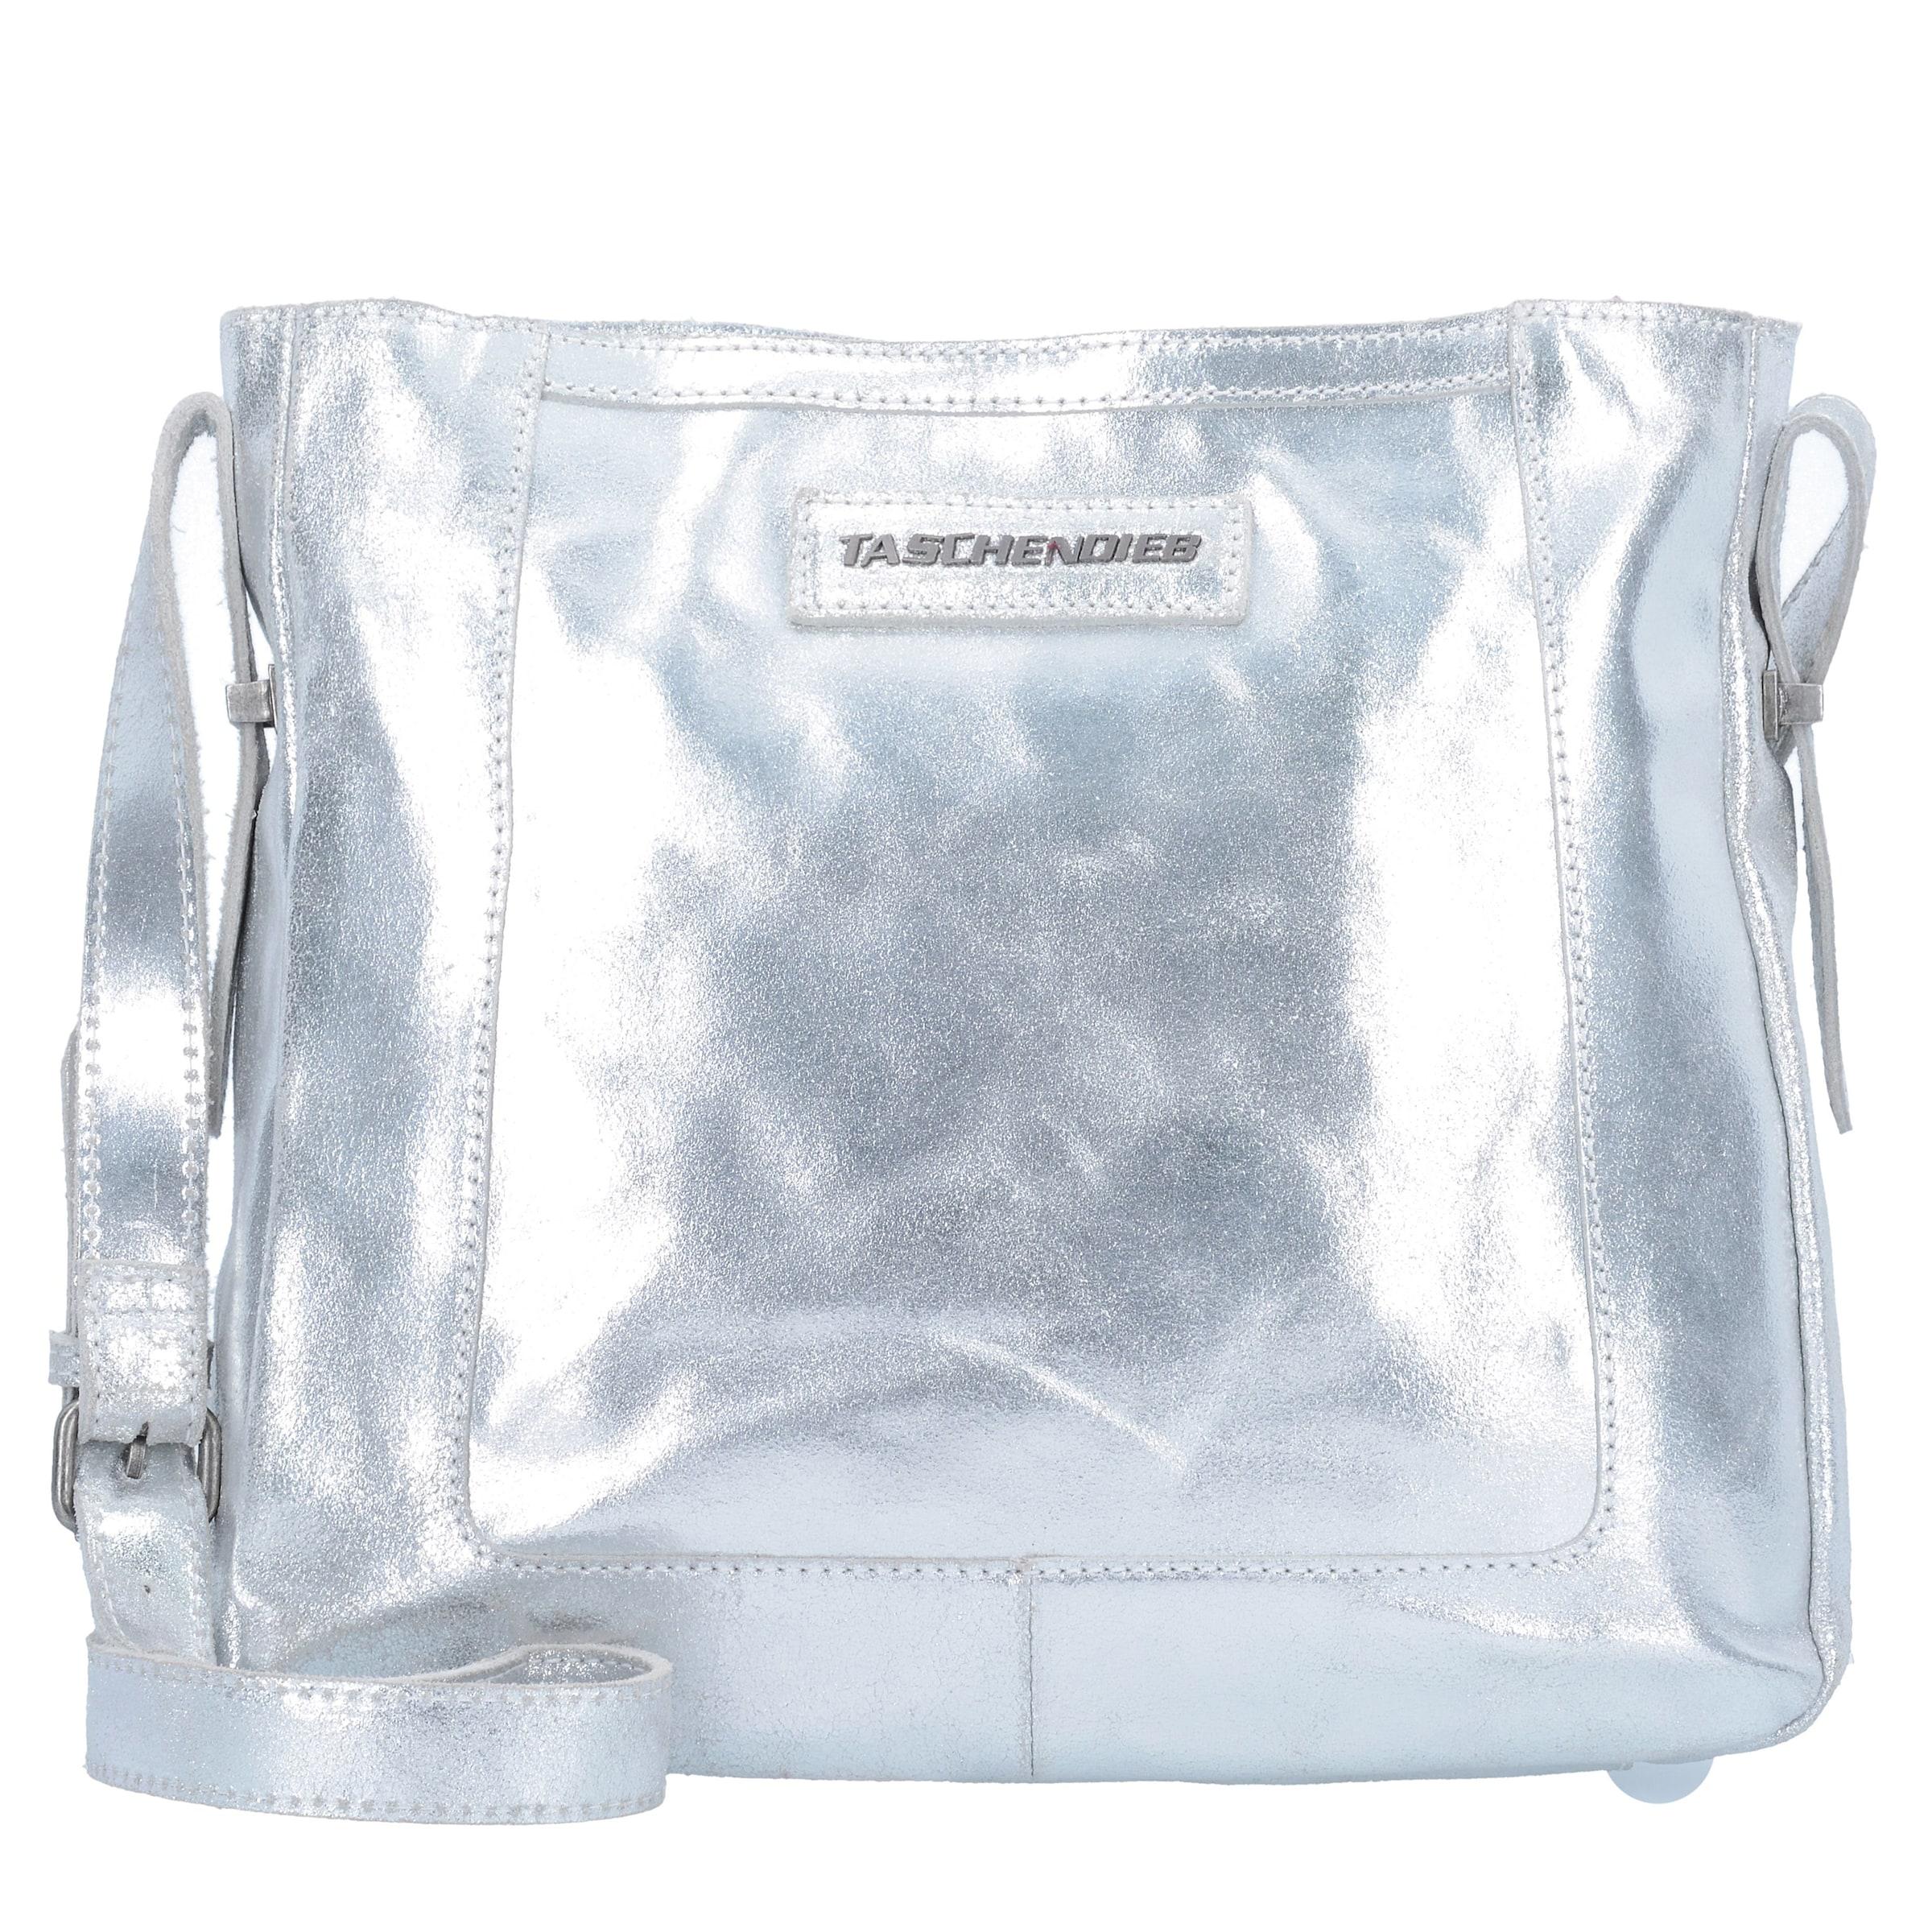 Taschendieb Wien Umhängetasche Leder 30 cm Verkauf Truhe Bilder Spielraum In Mode Online Heißen Verkauf Zum Verkauf LVWmO